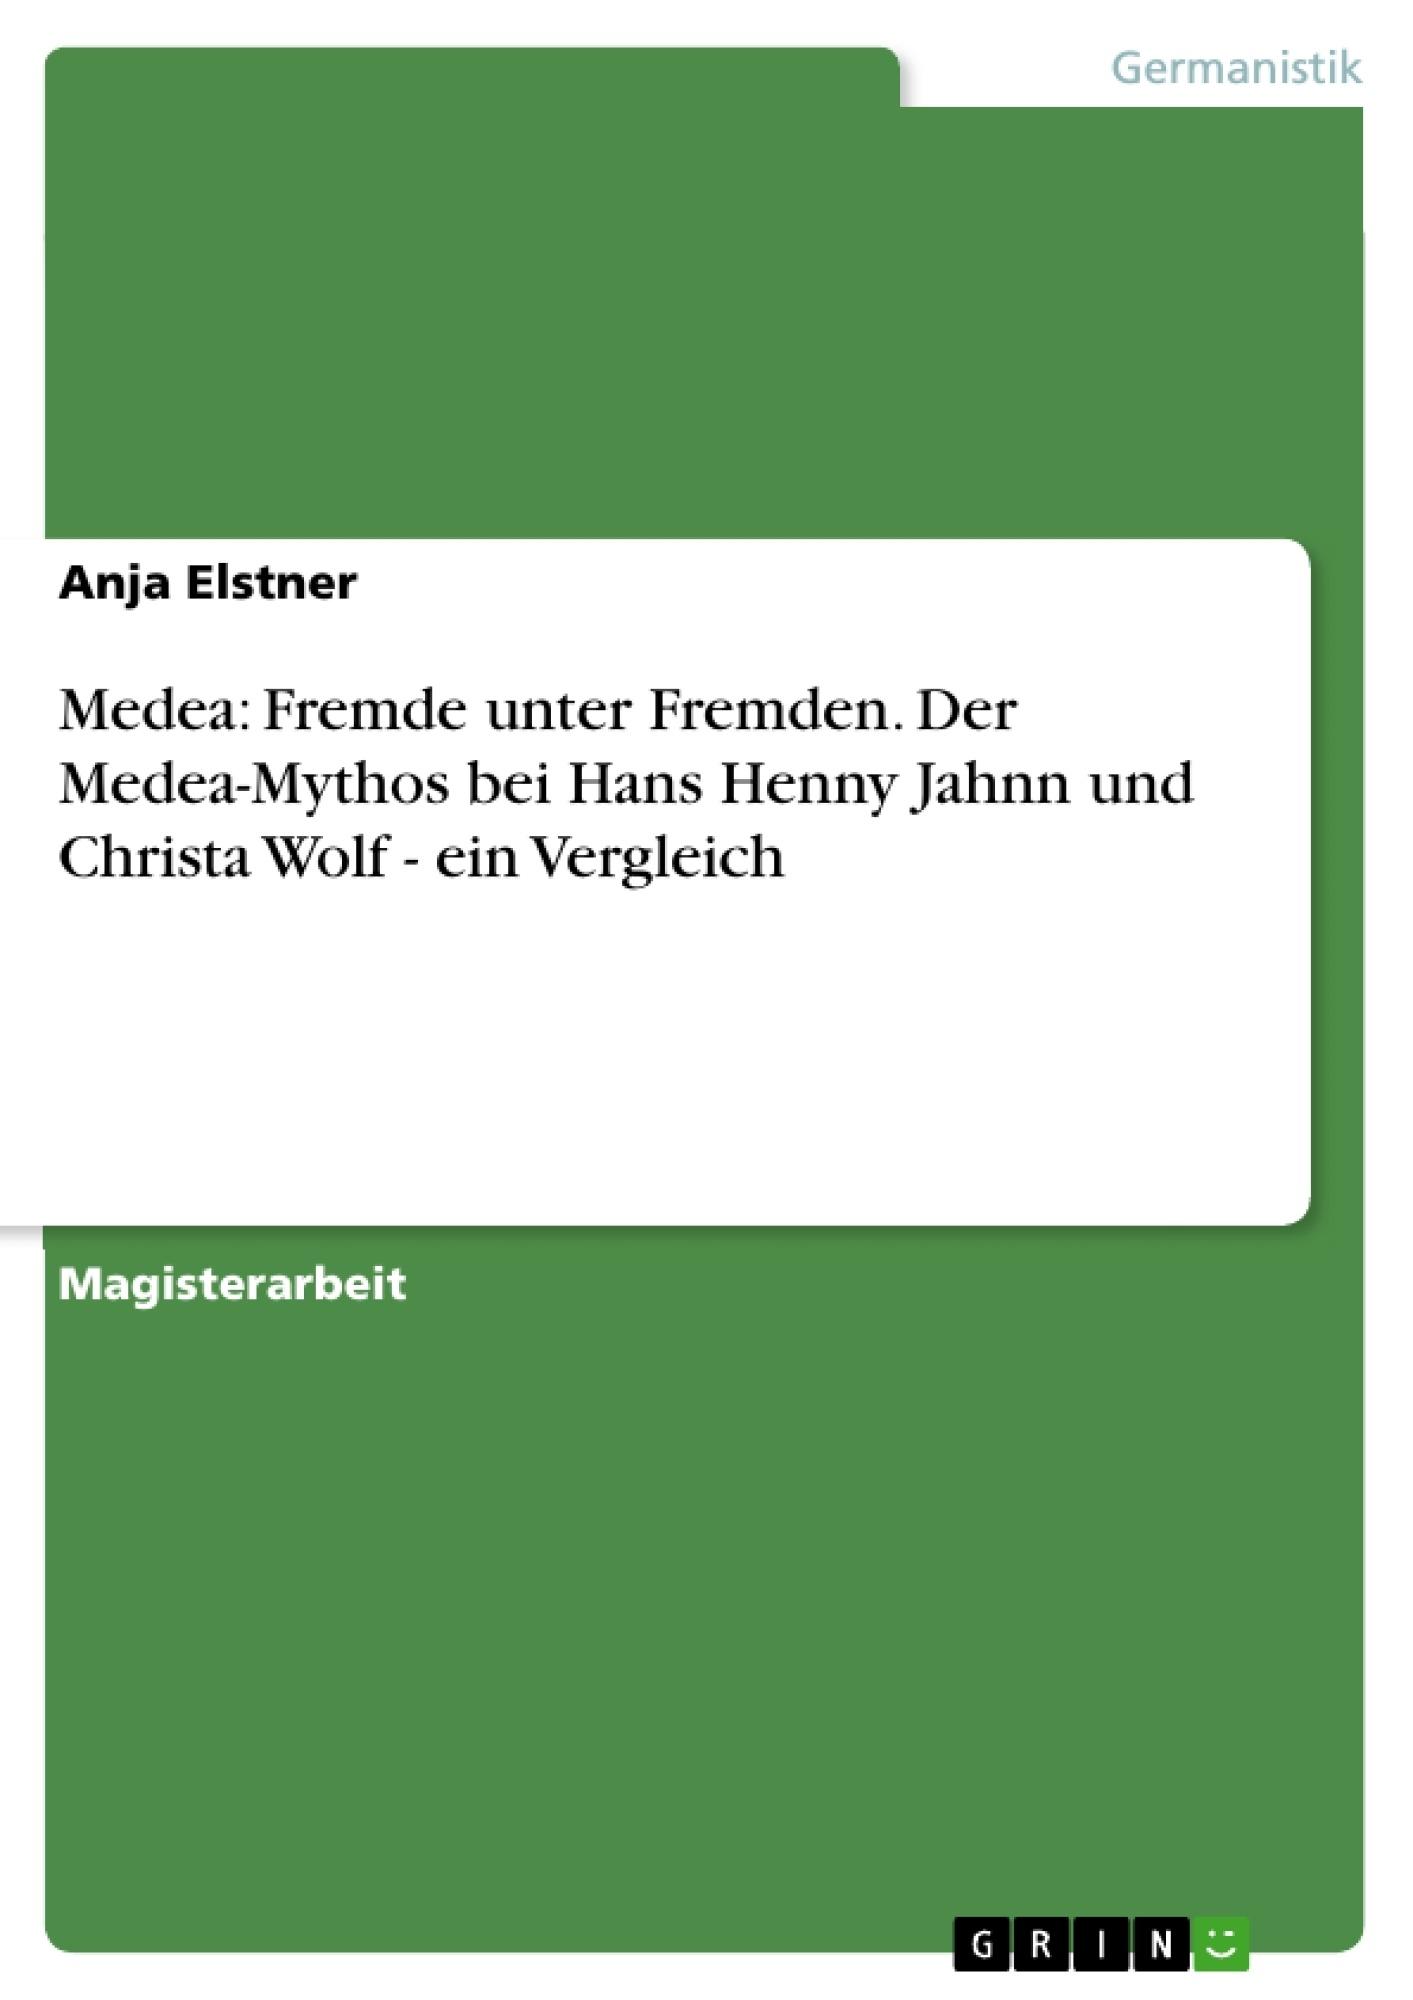 Titel: Medea: Fremde unter Fremden. Der Medea-Mythos bei Hans Henny Jahnn und Christa Wolf - ein Vergleich